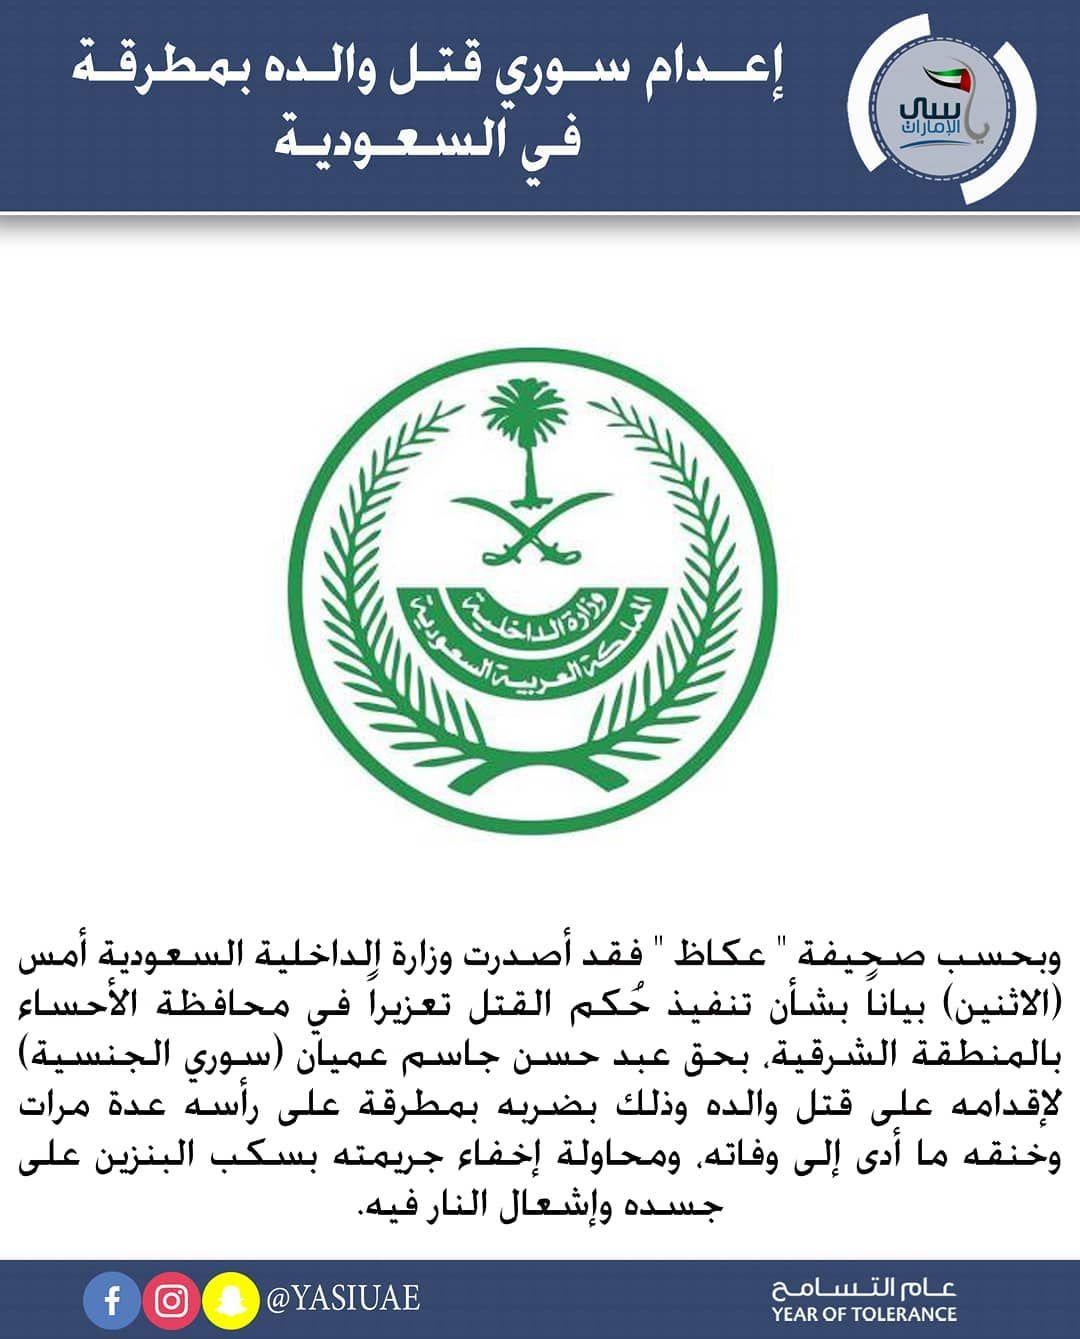 السعودية نفذت الجهات المختصة في المملكة العربية السعودية حكم الإعدام بحق شخص سوري قتل وألده في السعودية بمطرقة ثم حاول إخفاء جريمته بحرق الجثة وبحسب ص